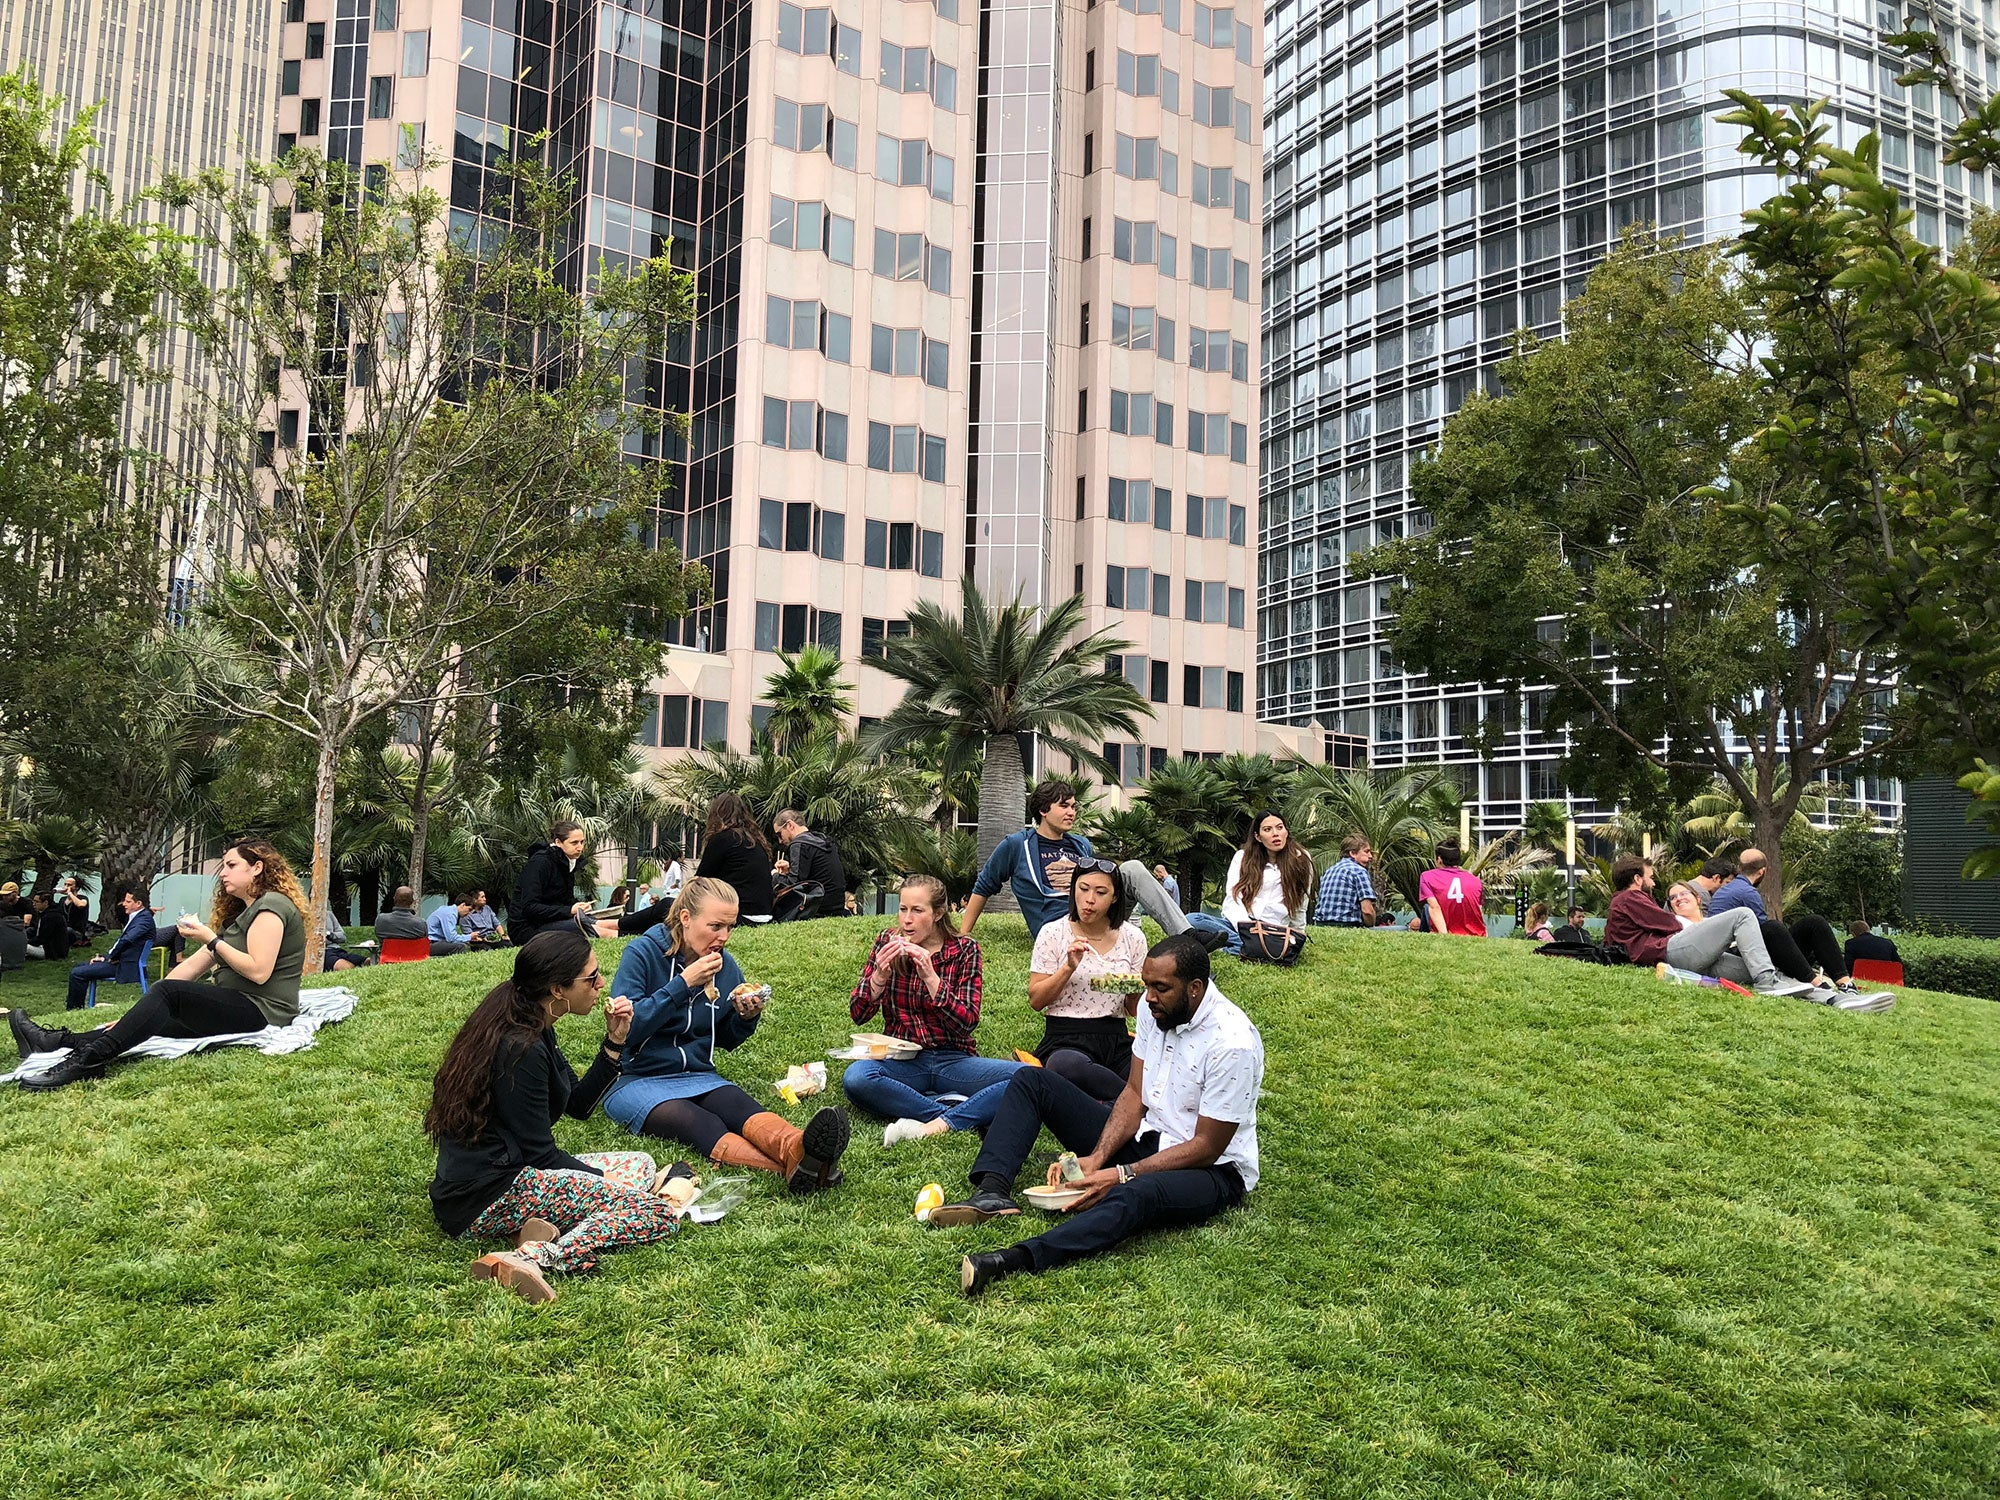 Salesforce Transit Center rooftop garden